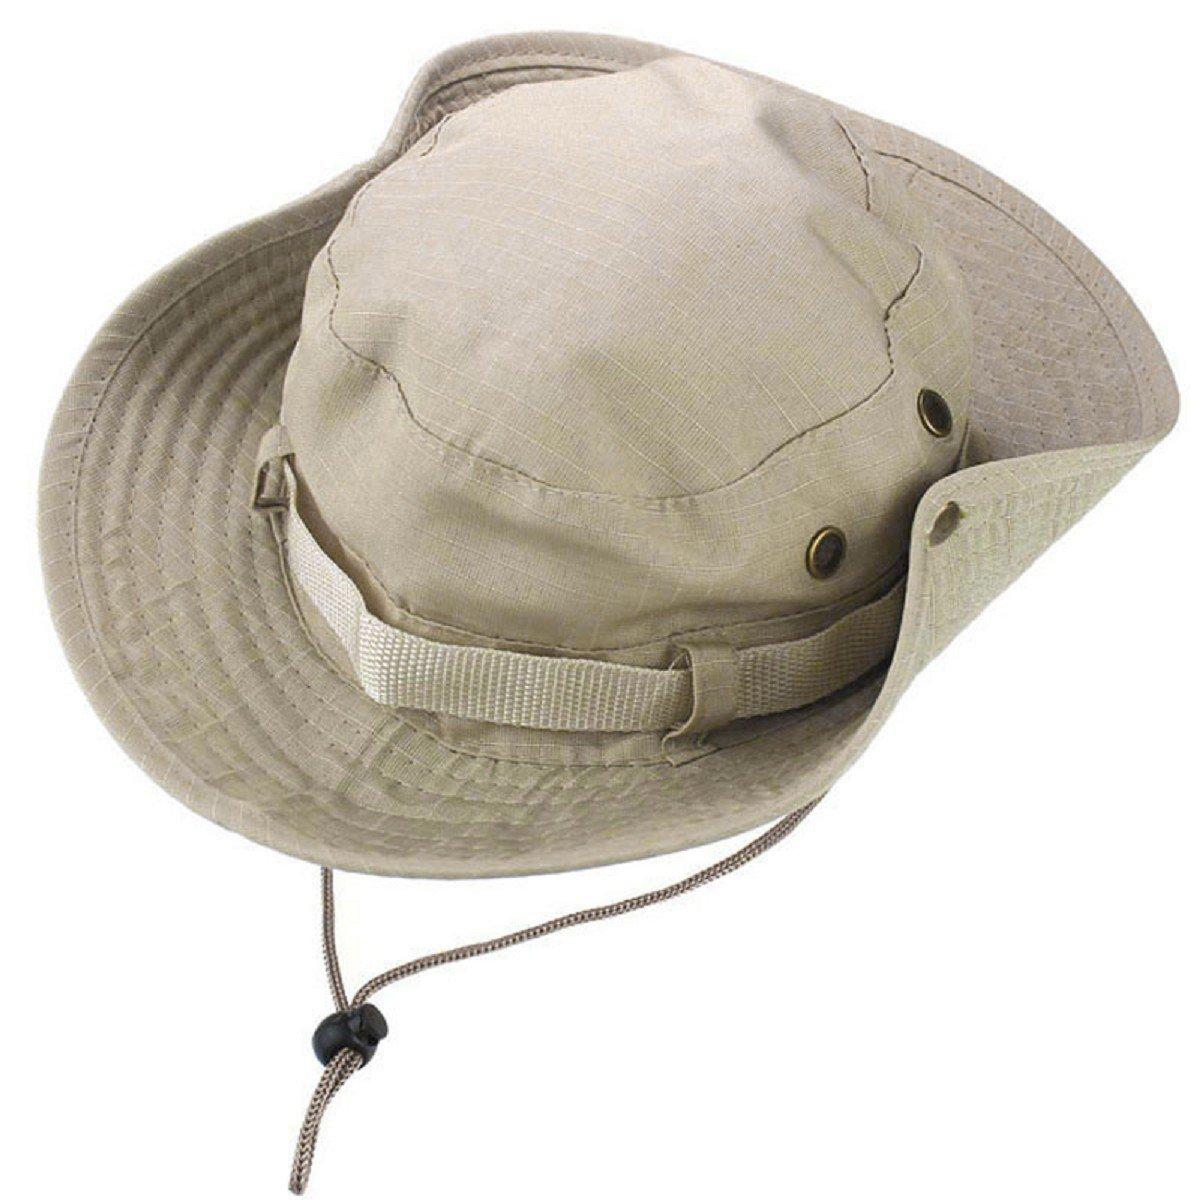 Tongshi Sombrero del cubo de Boonie Pesca Caza al aire libre Amplia Cap Brim Militar Beige